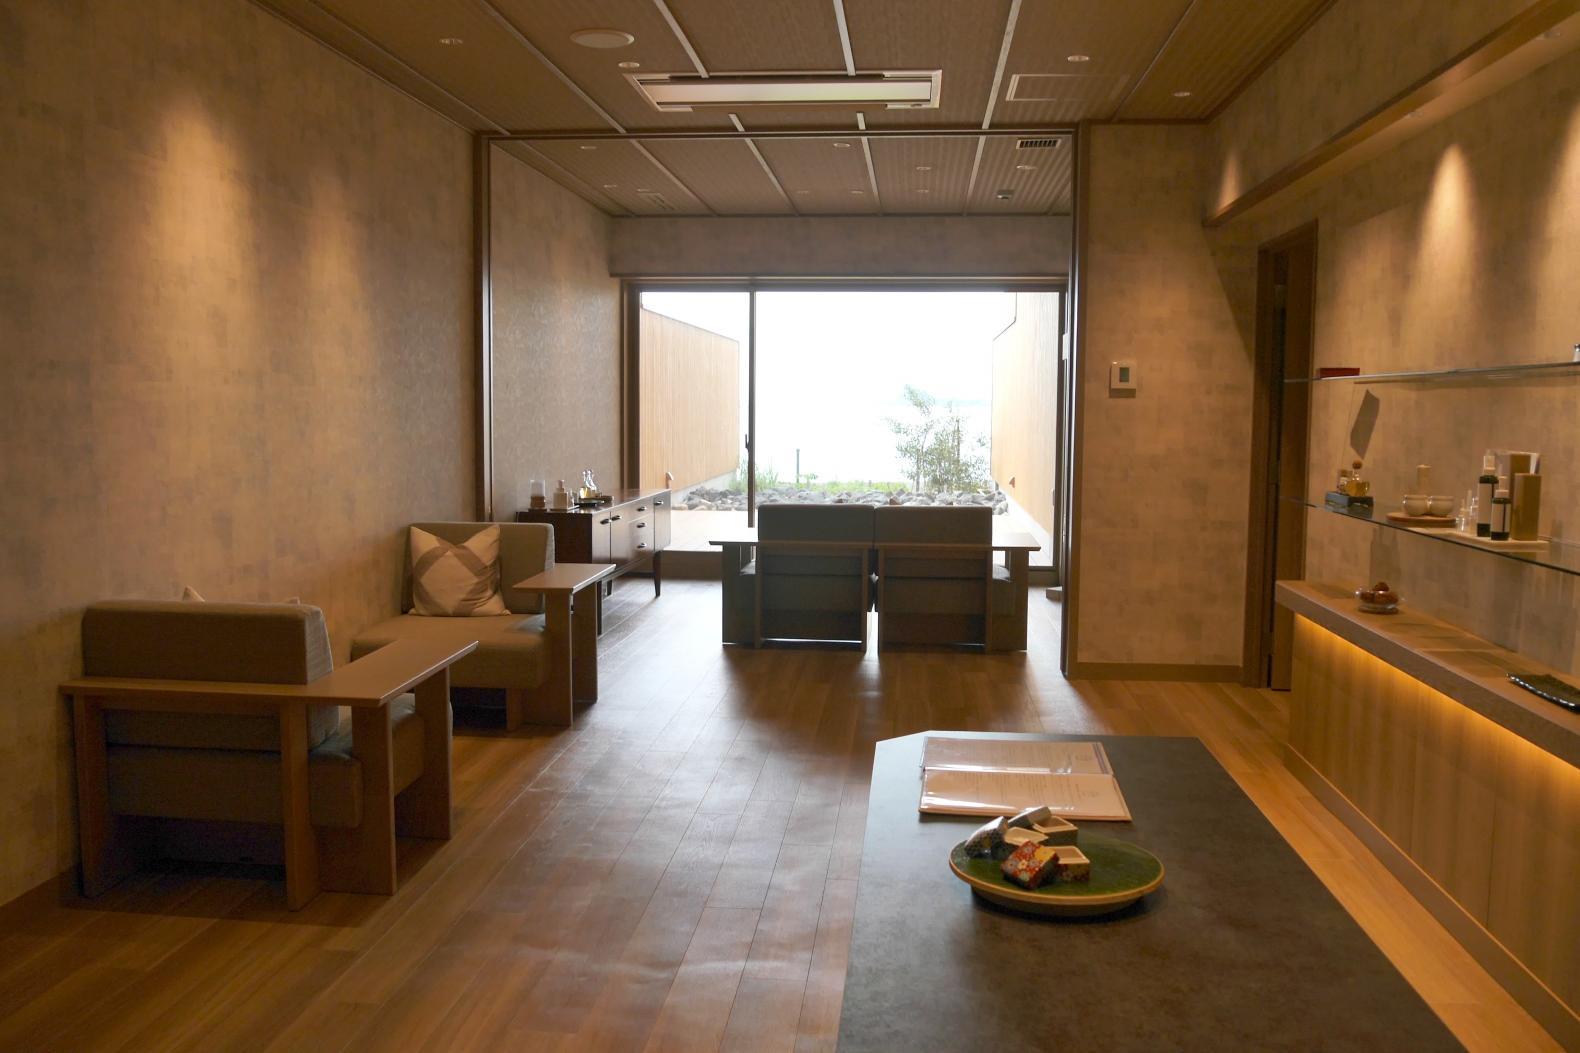 全室露天風呂付オーシャンビューの高級リゾートホテル 壱岐リトリート海里村上-3